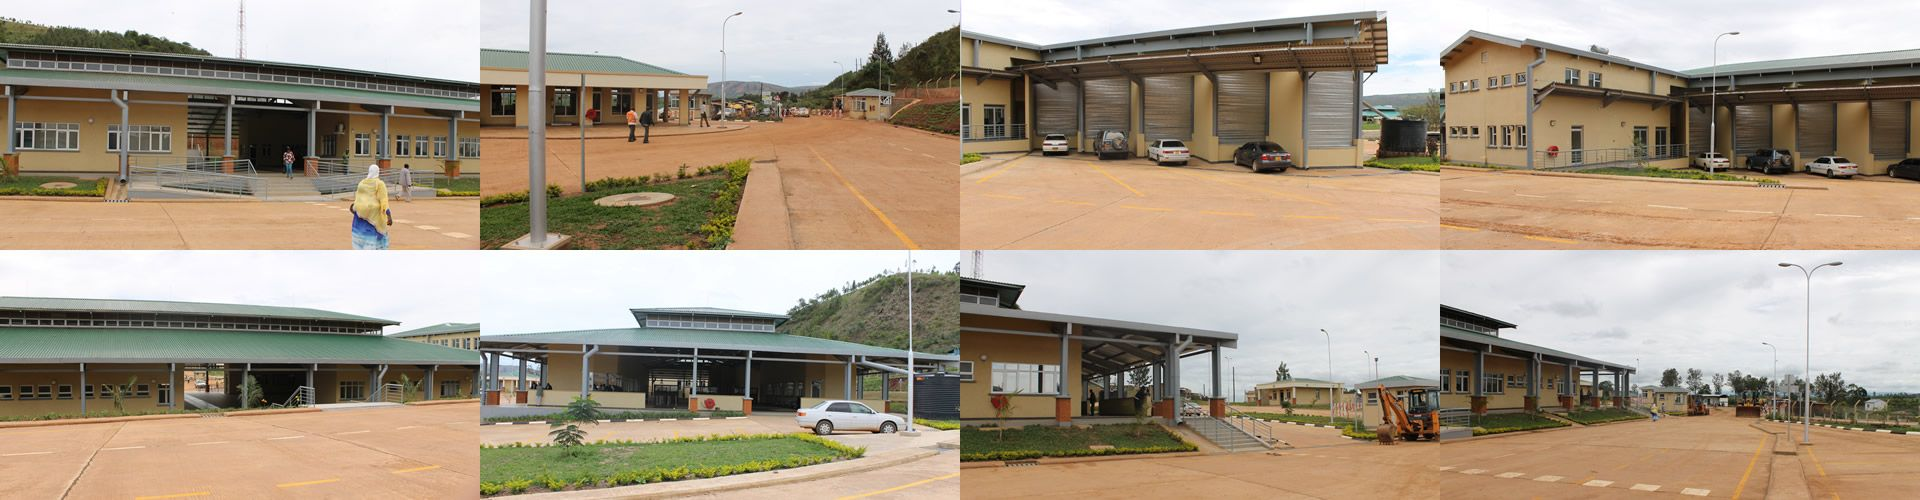 Mirama Hills Kagitumba Border Post | Rwanda / Uganda